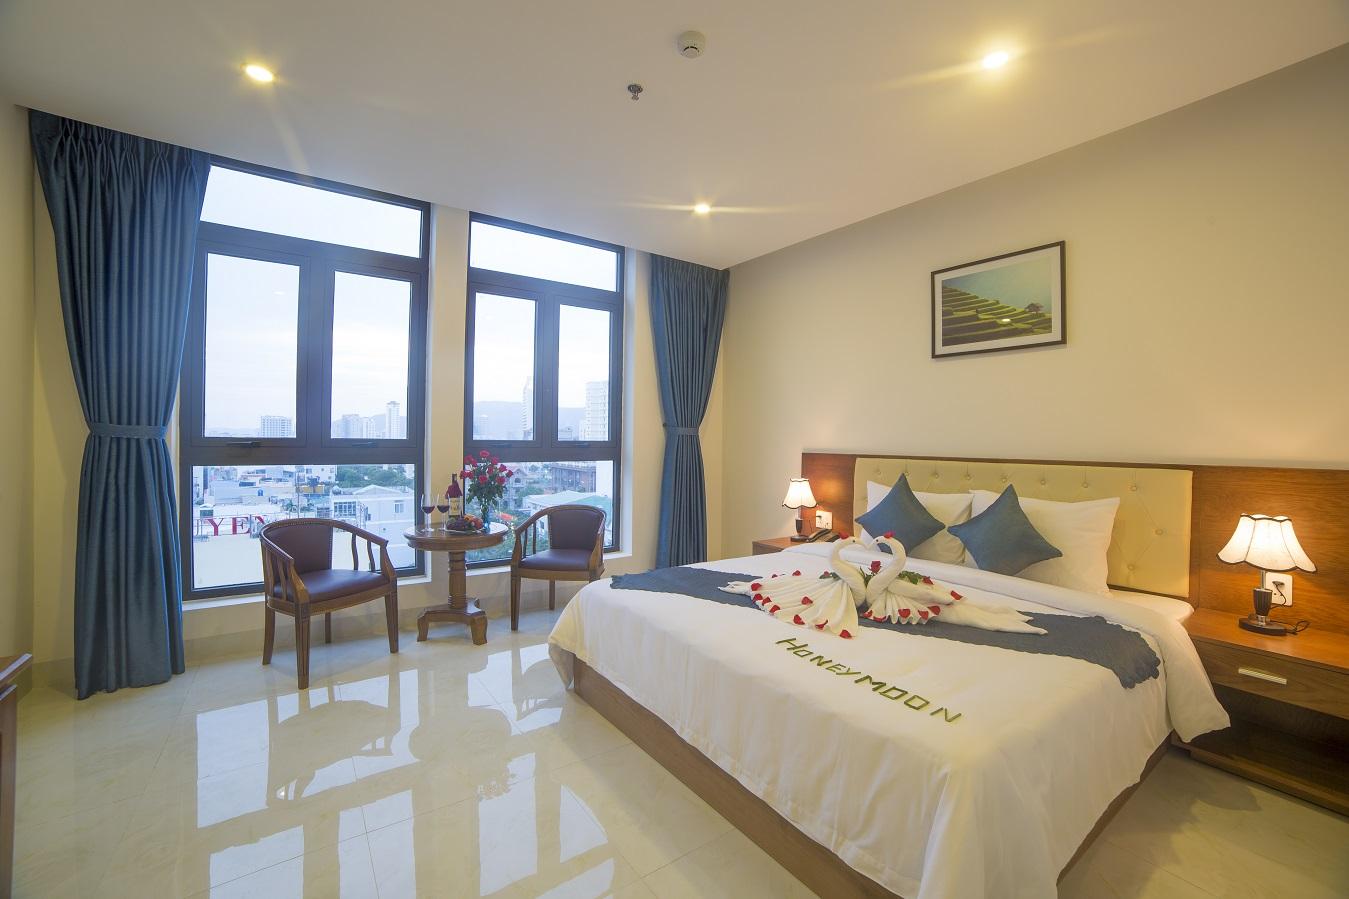 Toàn Thắng Hotel - Đà Nẵng